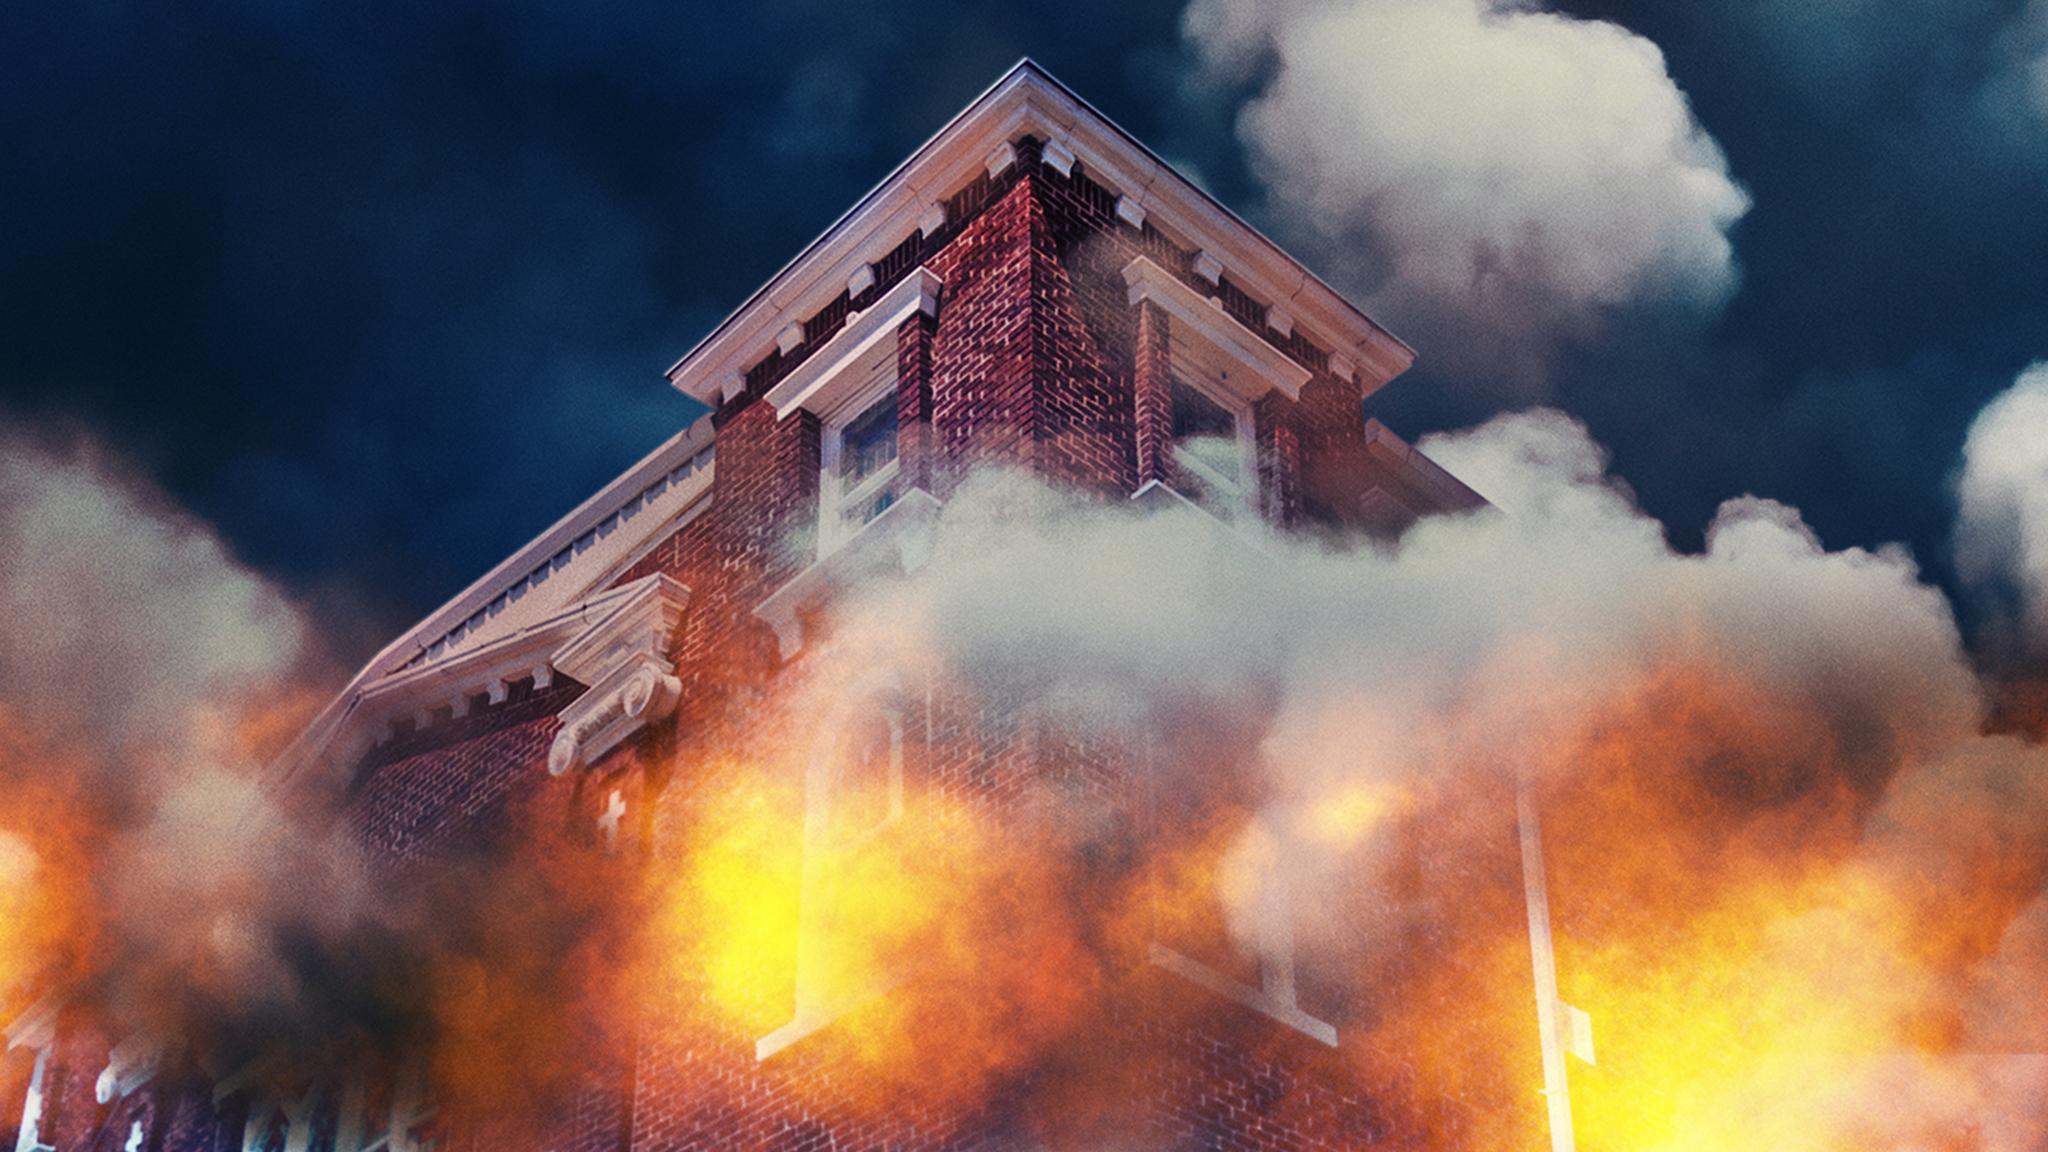 Cena do documentário Tulsa Burning: The 1921 Race Massacre. A imagem mostra a esquina de um prédio de tijolos vermelhos em chamas, visto de cima para baixo. O céu é azul escuro e é tomado por uma fumaça cinza, que surge do fogo que sai de dentro das janelas brancas do prédio.